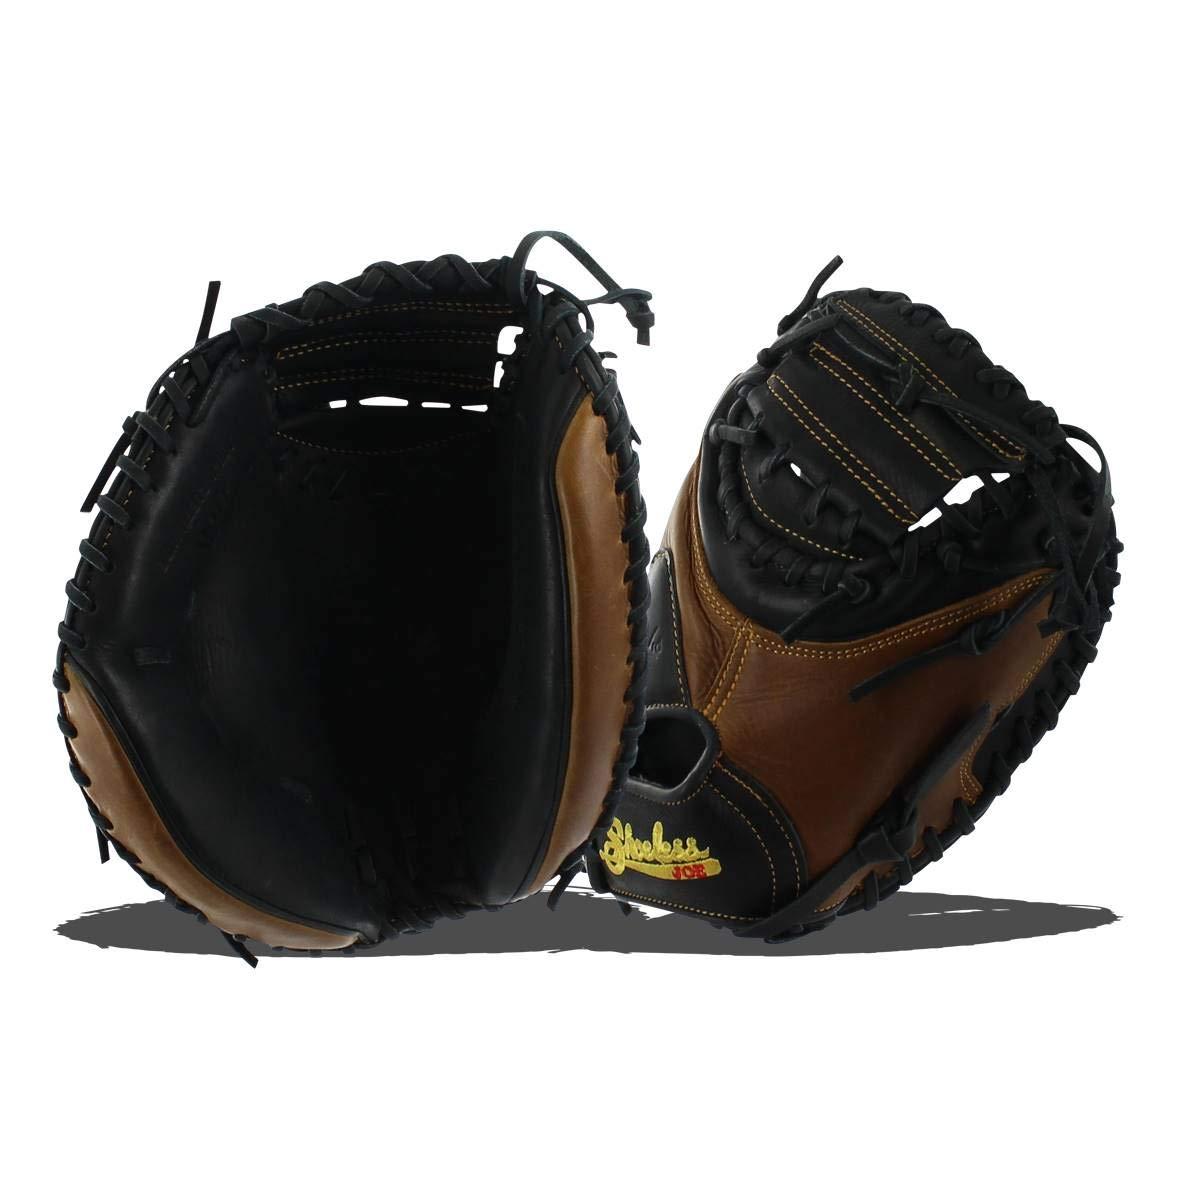 Shoeless Joe 34-Inch Pro Select Catchers Mitt Baseball Glove